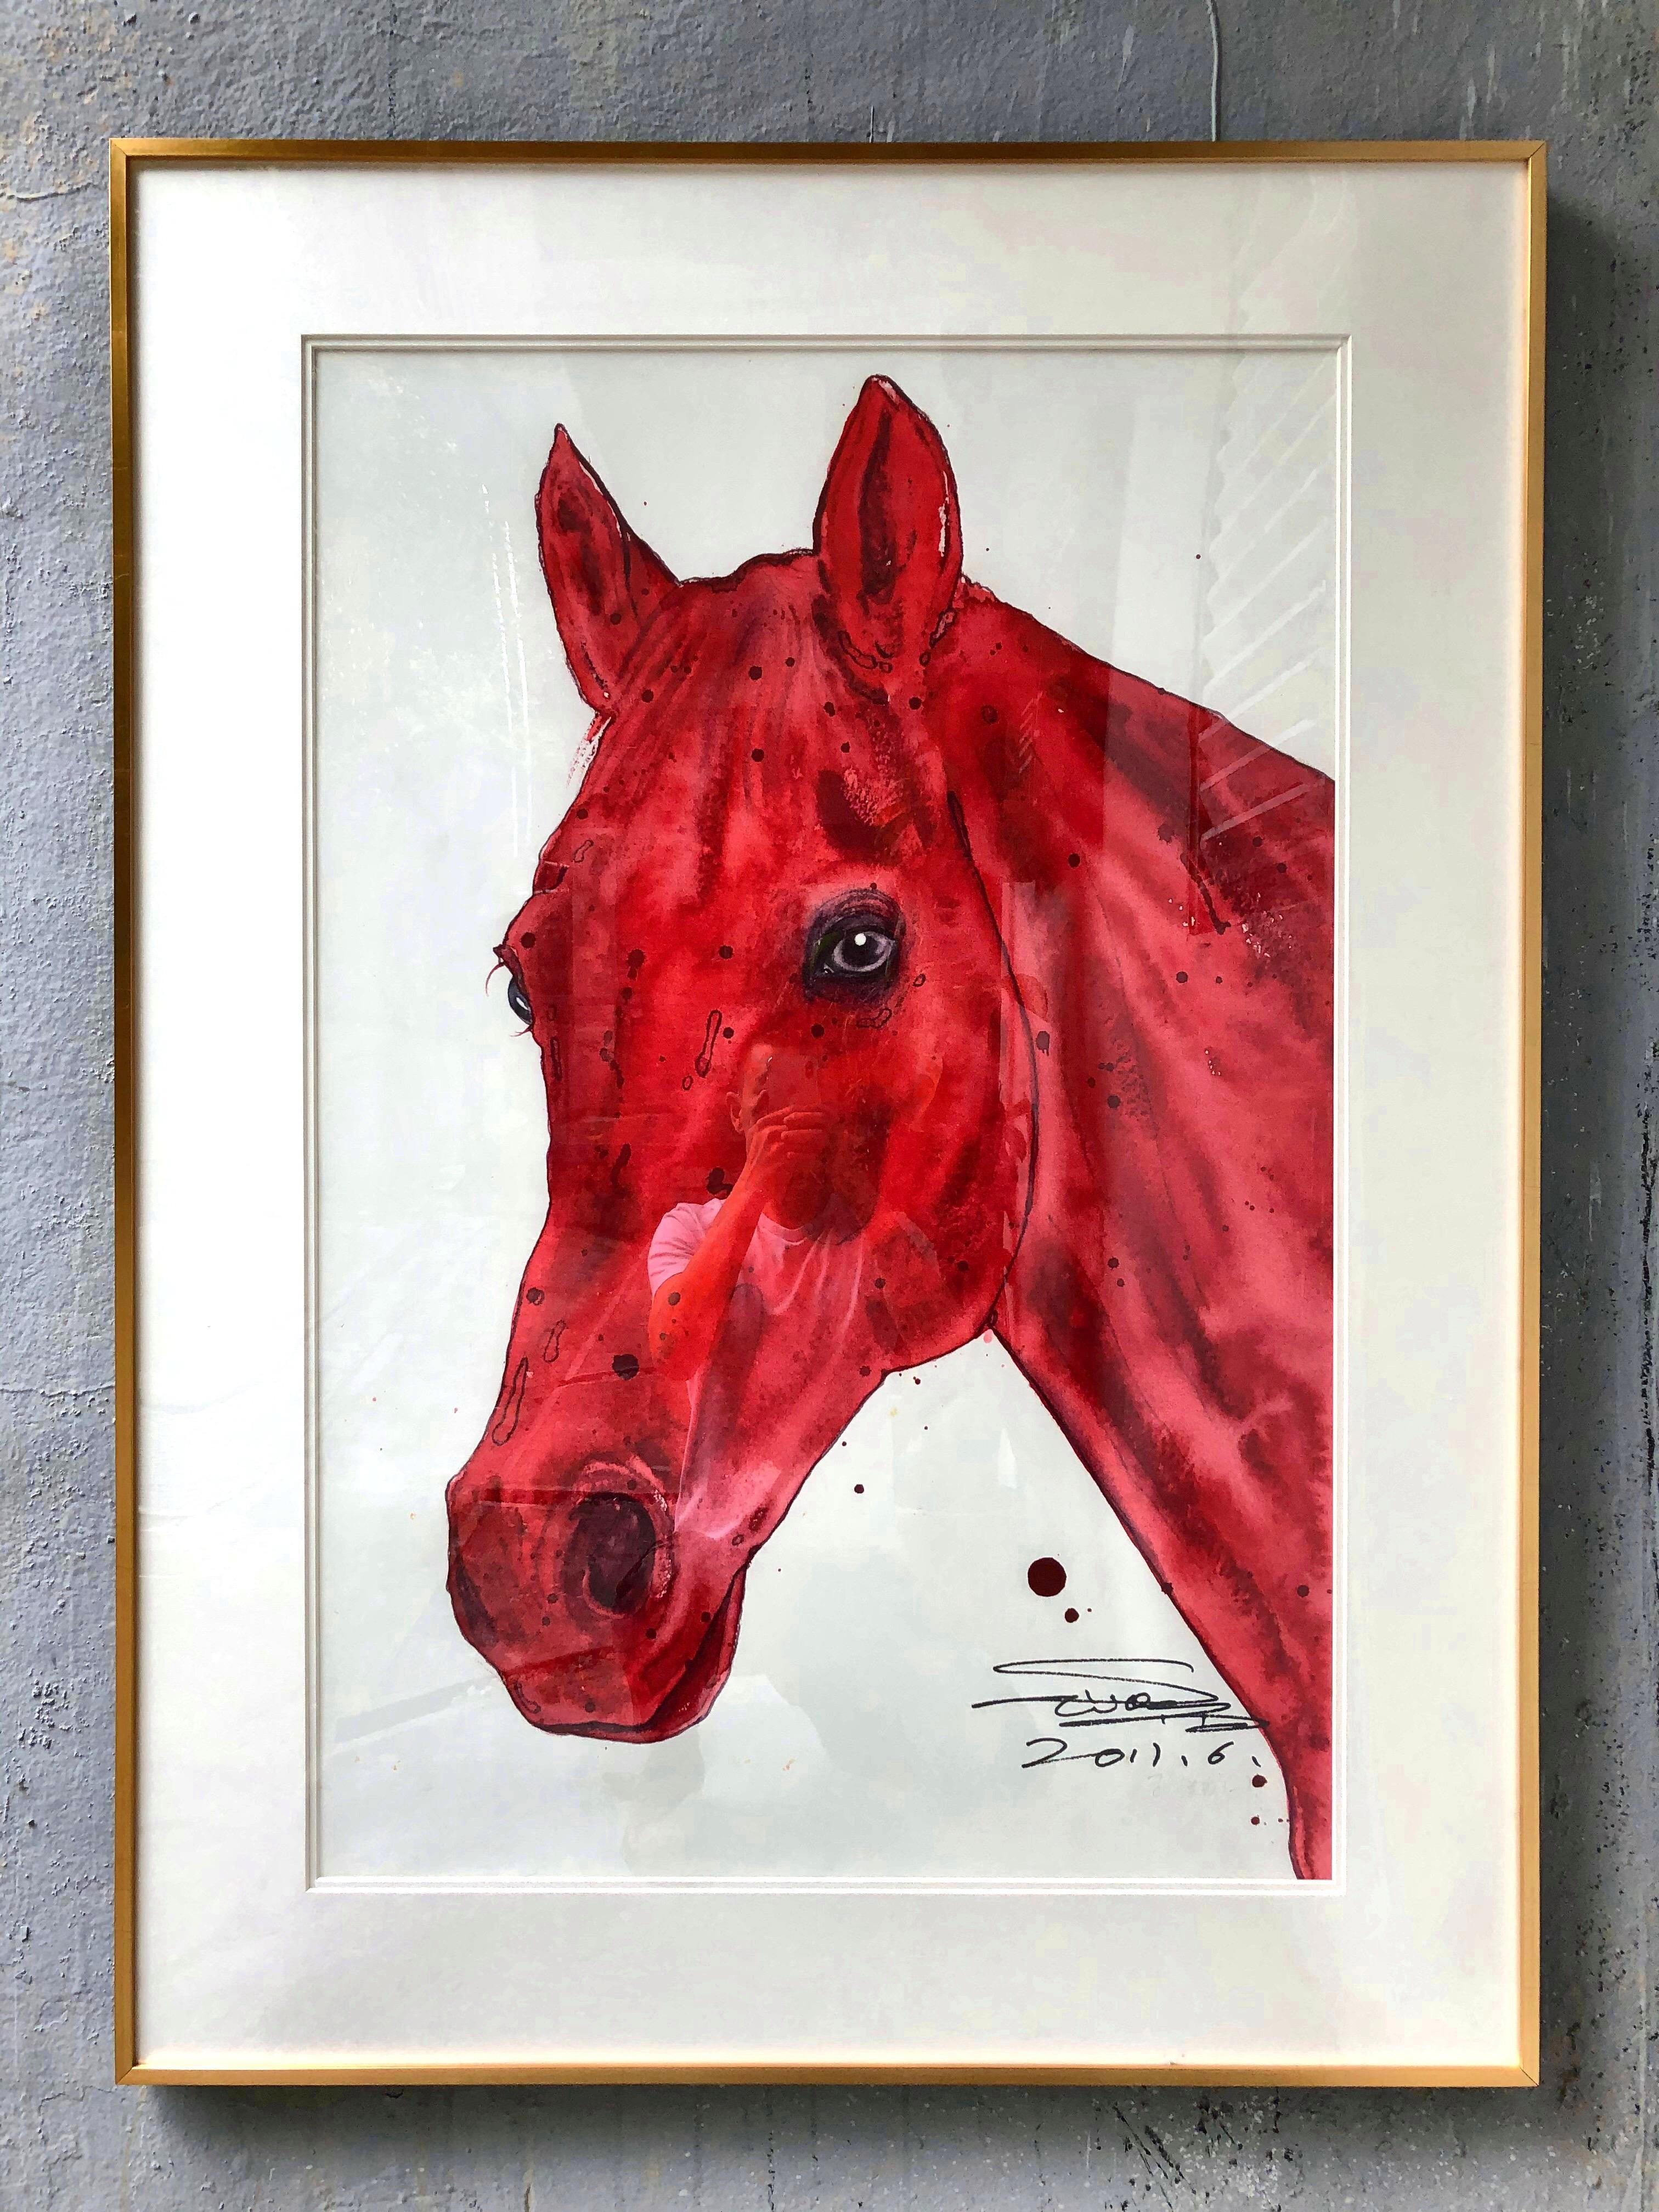 原创限量版高精度孙继成水彩艺术版画《红马》装饰作品